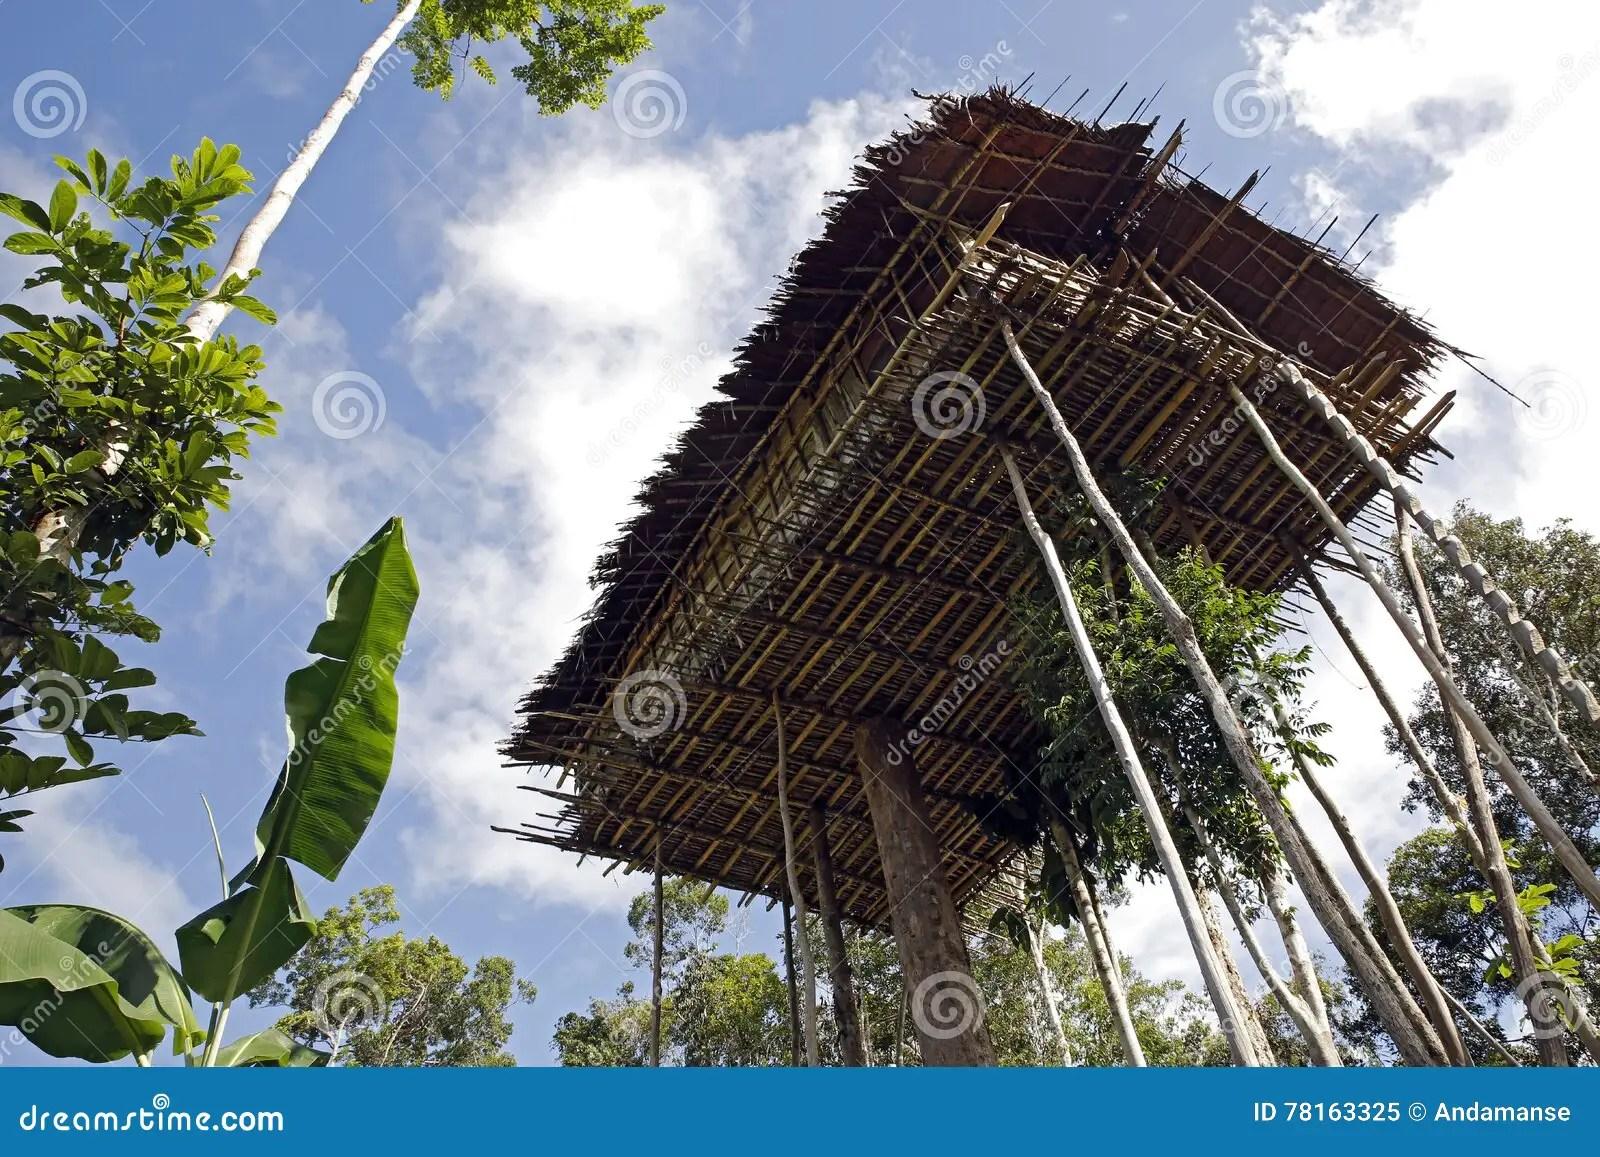 Korowai Tree House Stock Image Image Of Lowland Treetop 78163325